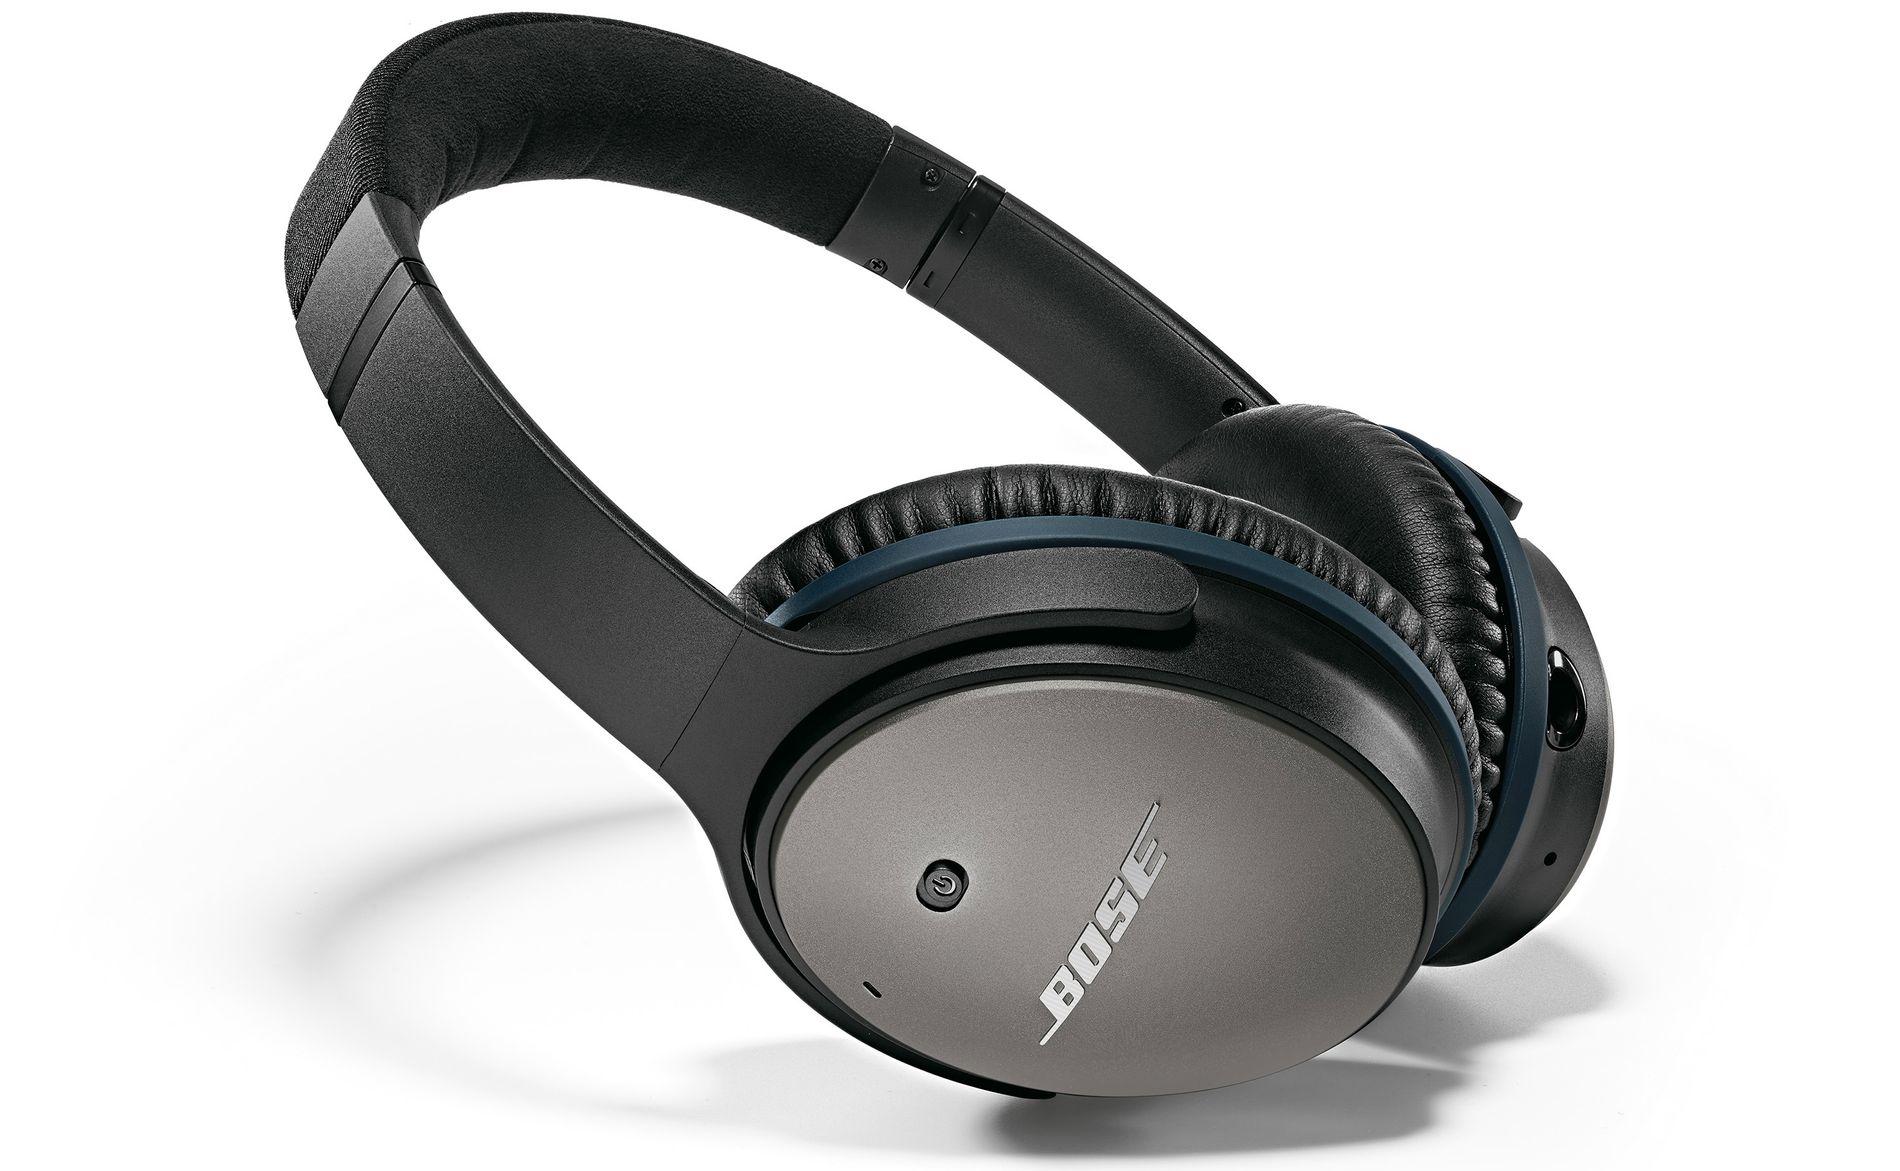 POPULÆRE: Bose-hodetelefonene er blant markedets mest solgte hodetelefoner.